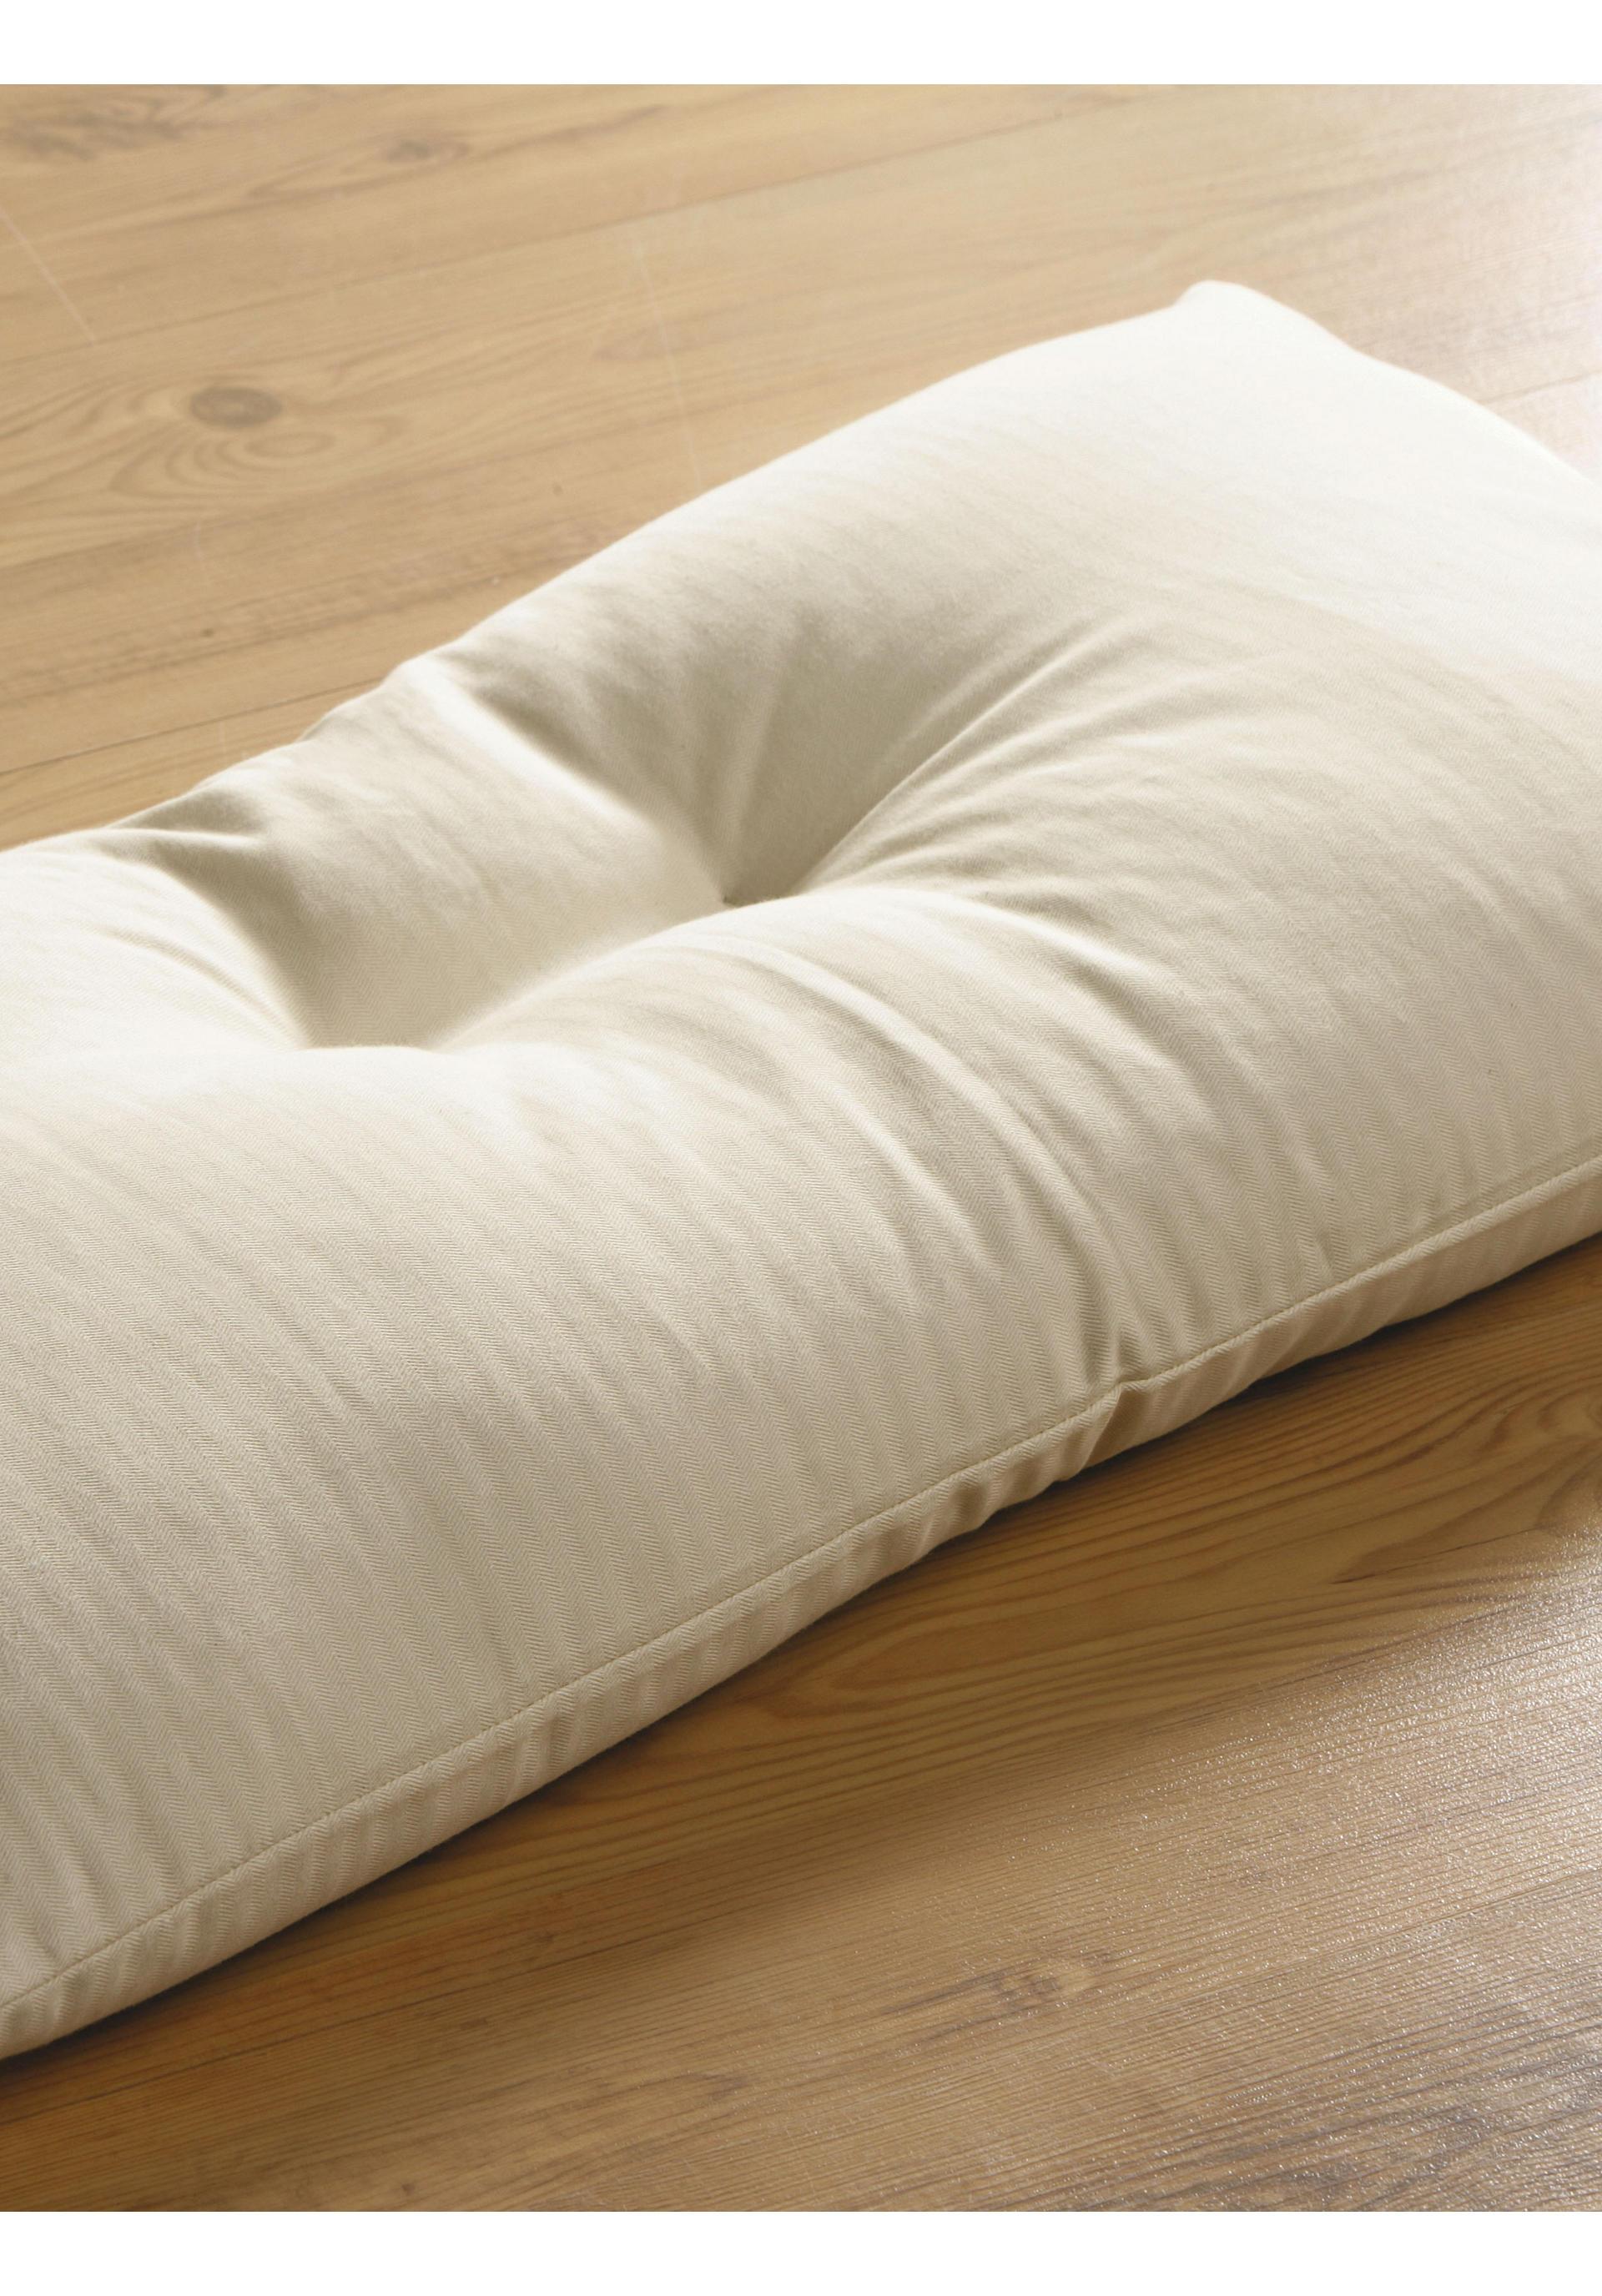 r ckenschl ferkissen kissen f r r ckenschl fer hessnatur deutschland. Black Bedroom Furniture Sets. Home Design Ideas